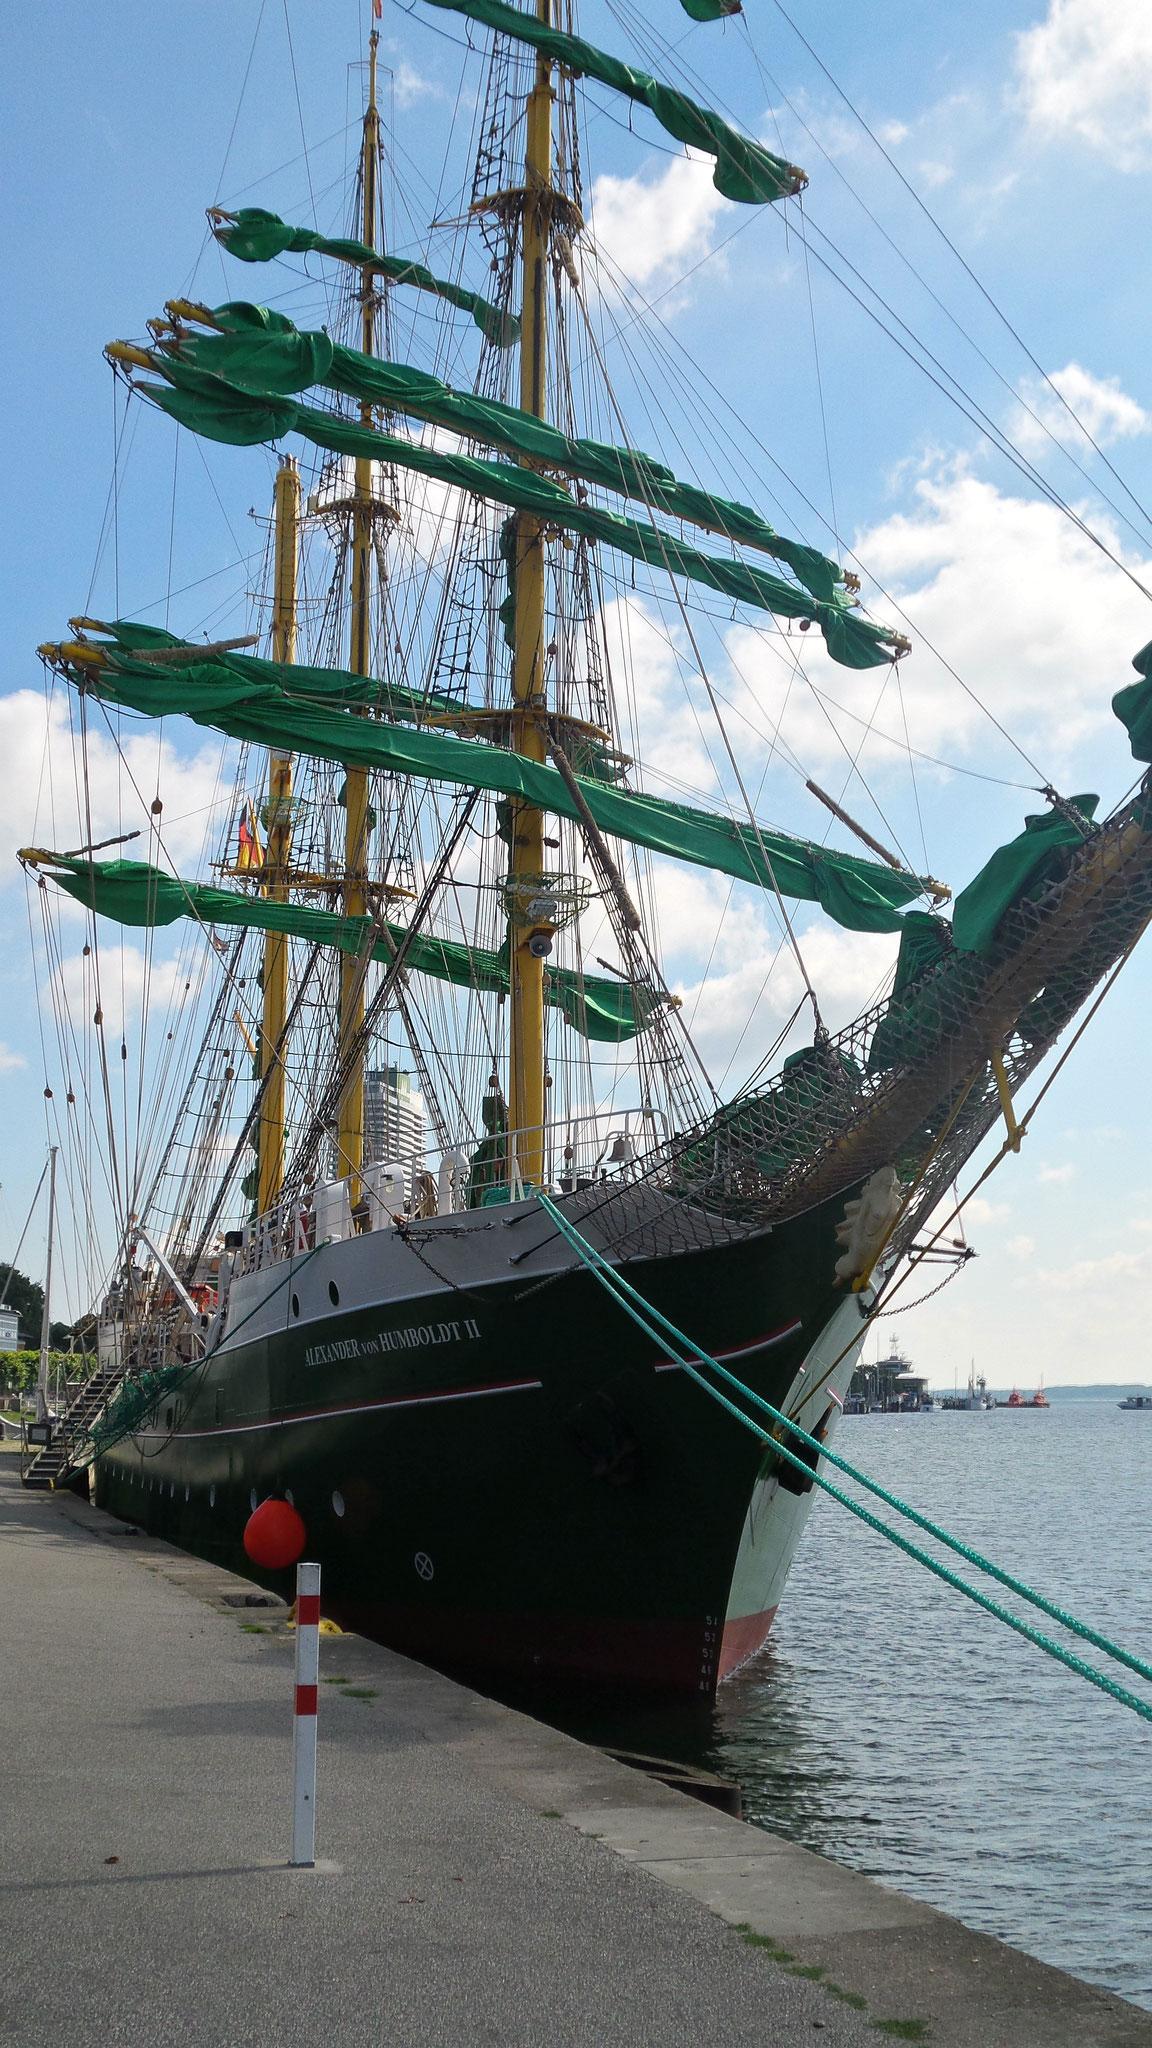 Alexander von Humboldt Segelschiff